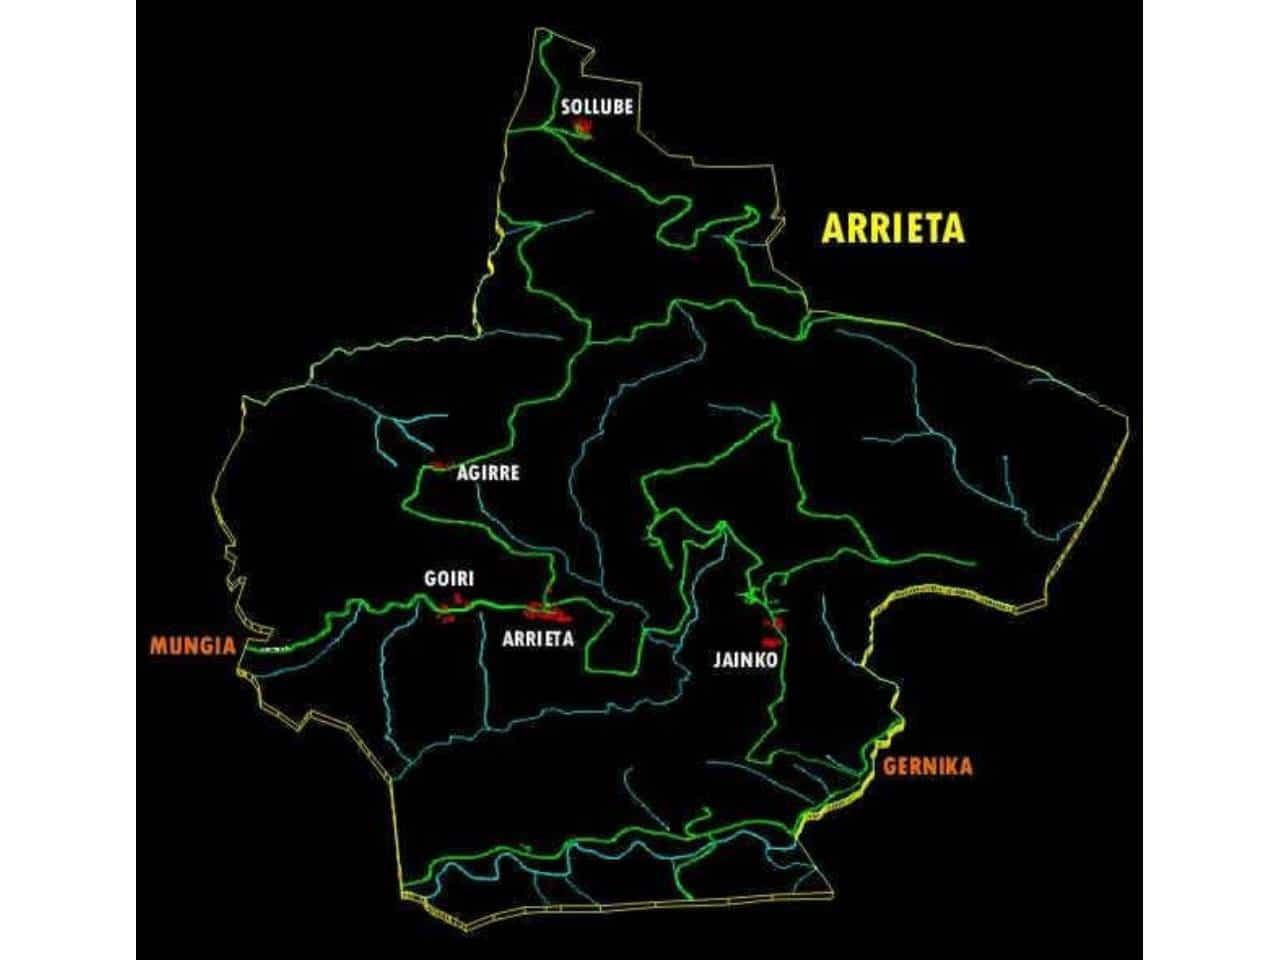 Terreno Não Urbanizado para venda em Arrieta - 258 500 € (Ref: 3861316)